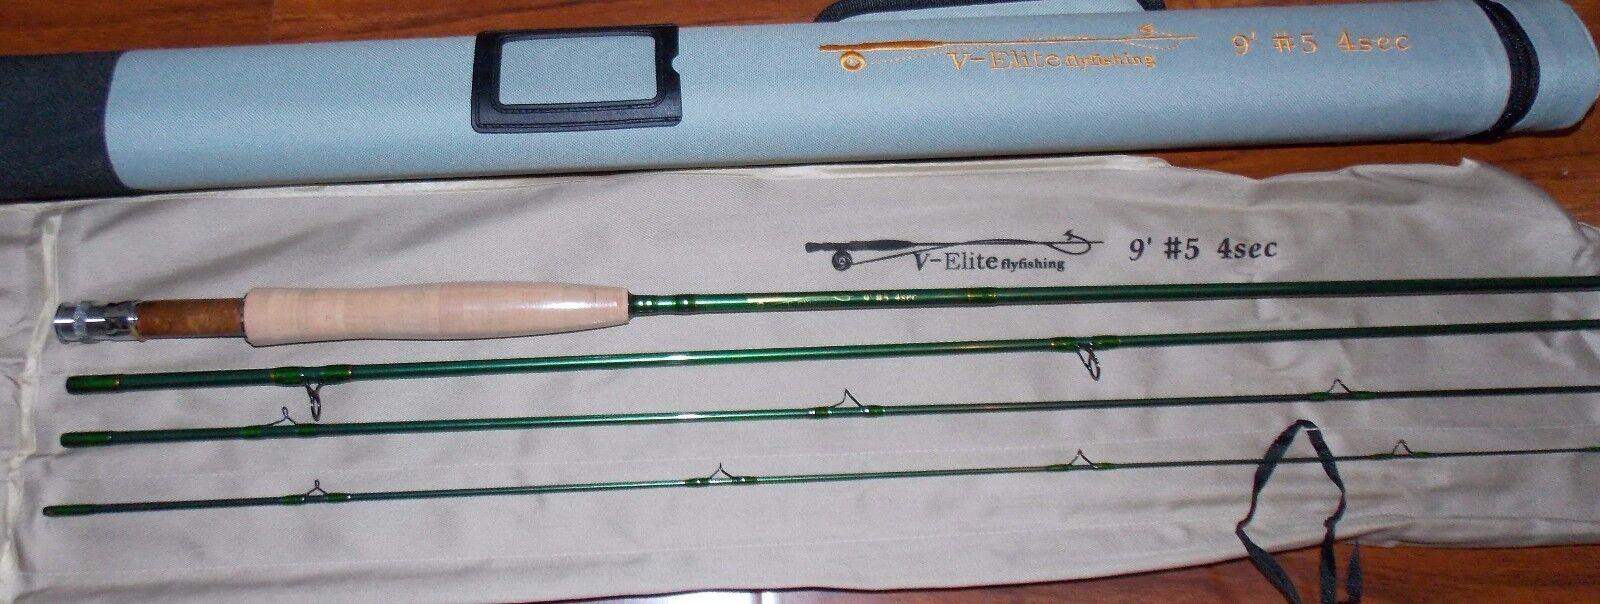 FlygRod 5WT 9FT Graphite IM12 Flygfiske